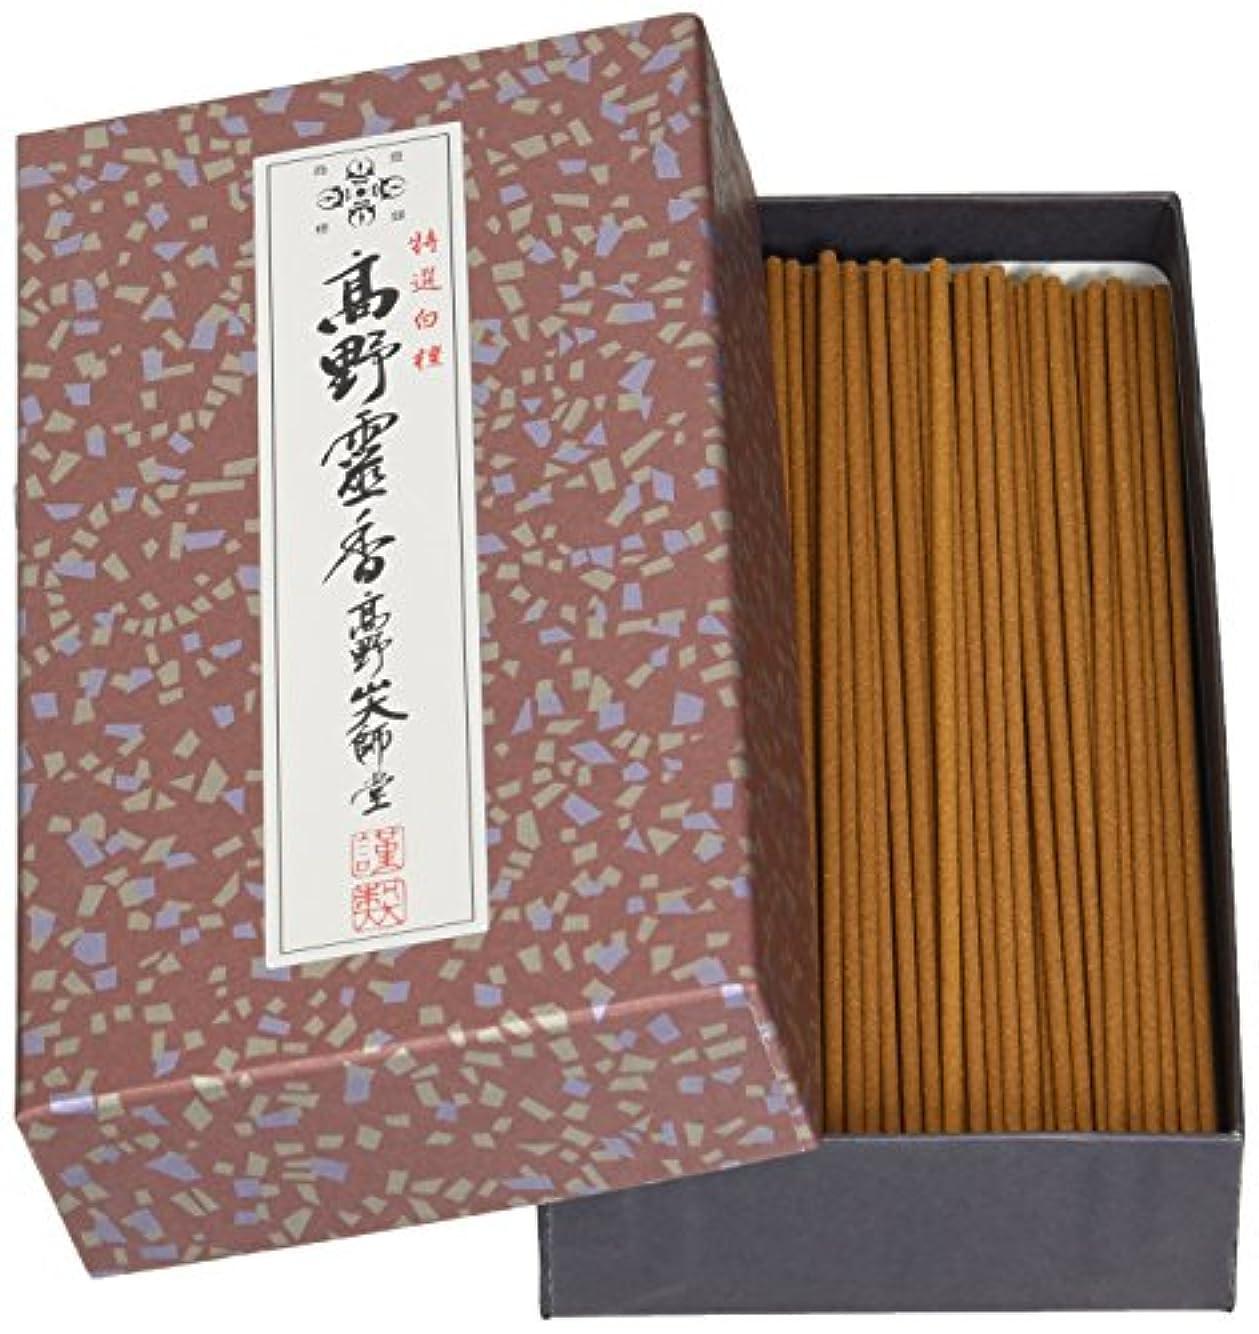 スロープかけがえのないメニュー高野山のお線香 特選白檀高野霊香 5寸13cm 大箱